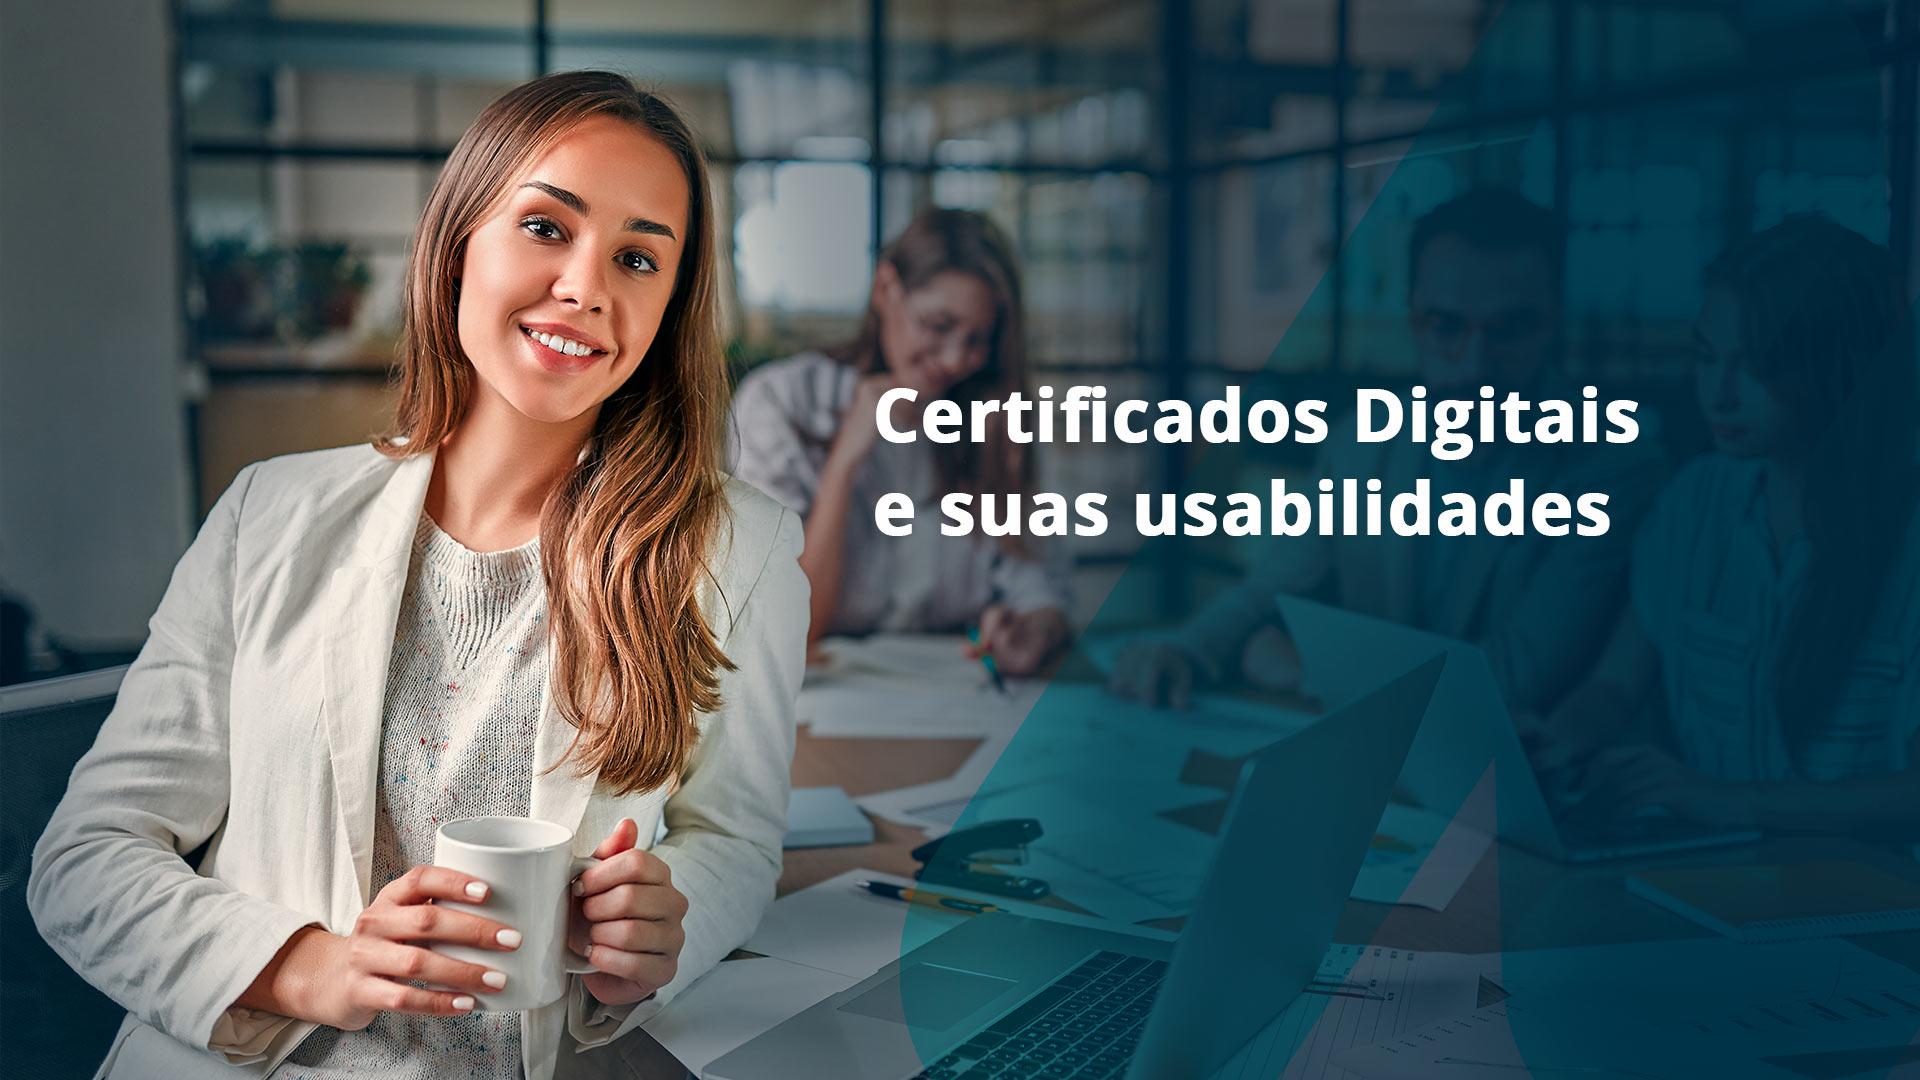 banner_Certificados-Digitais-e-suas-usabilidades